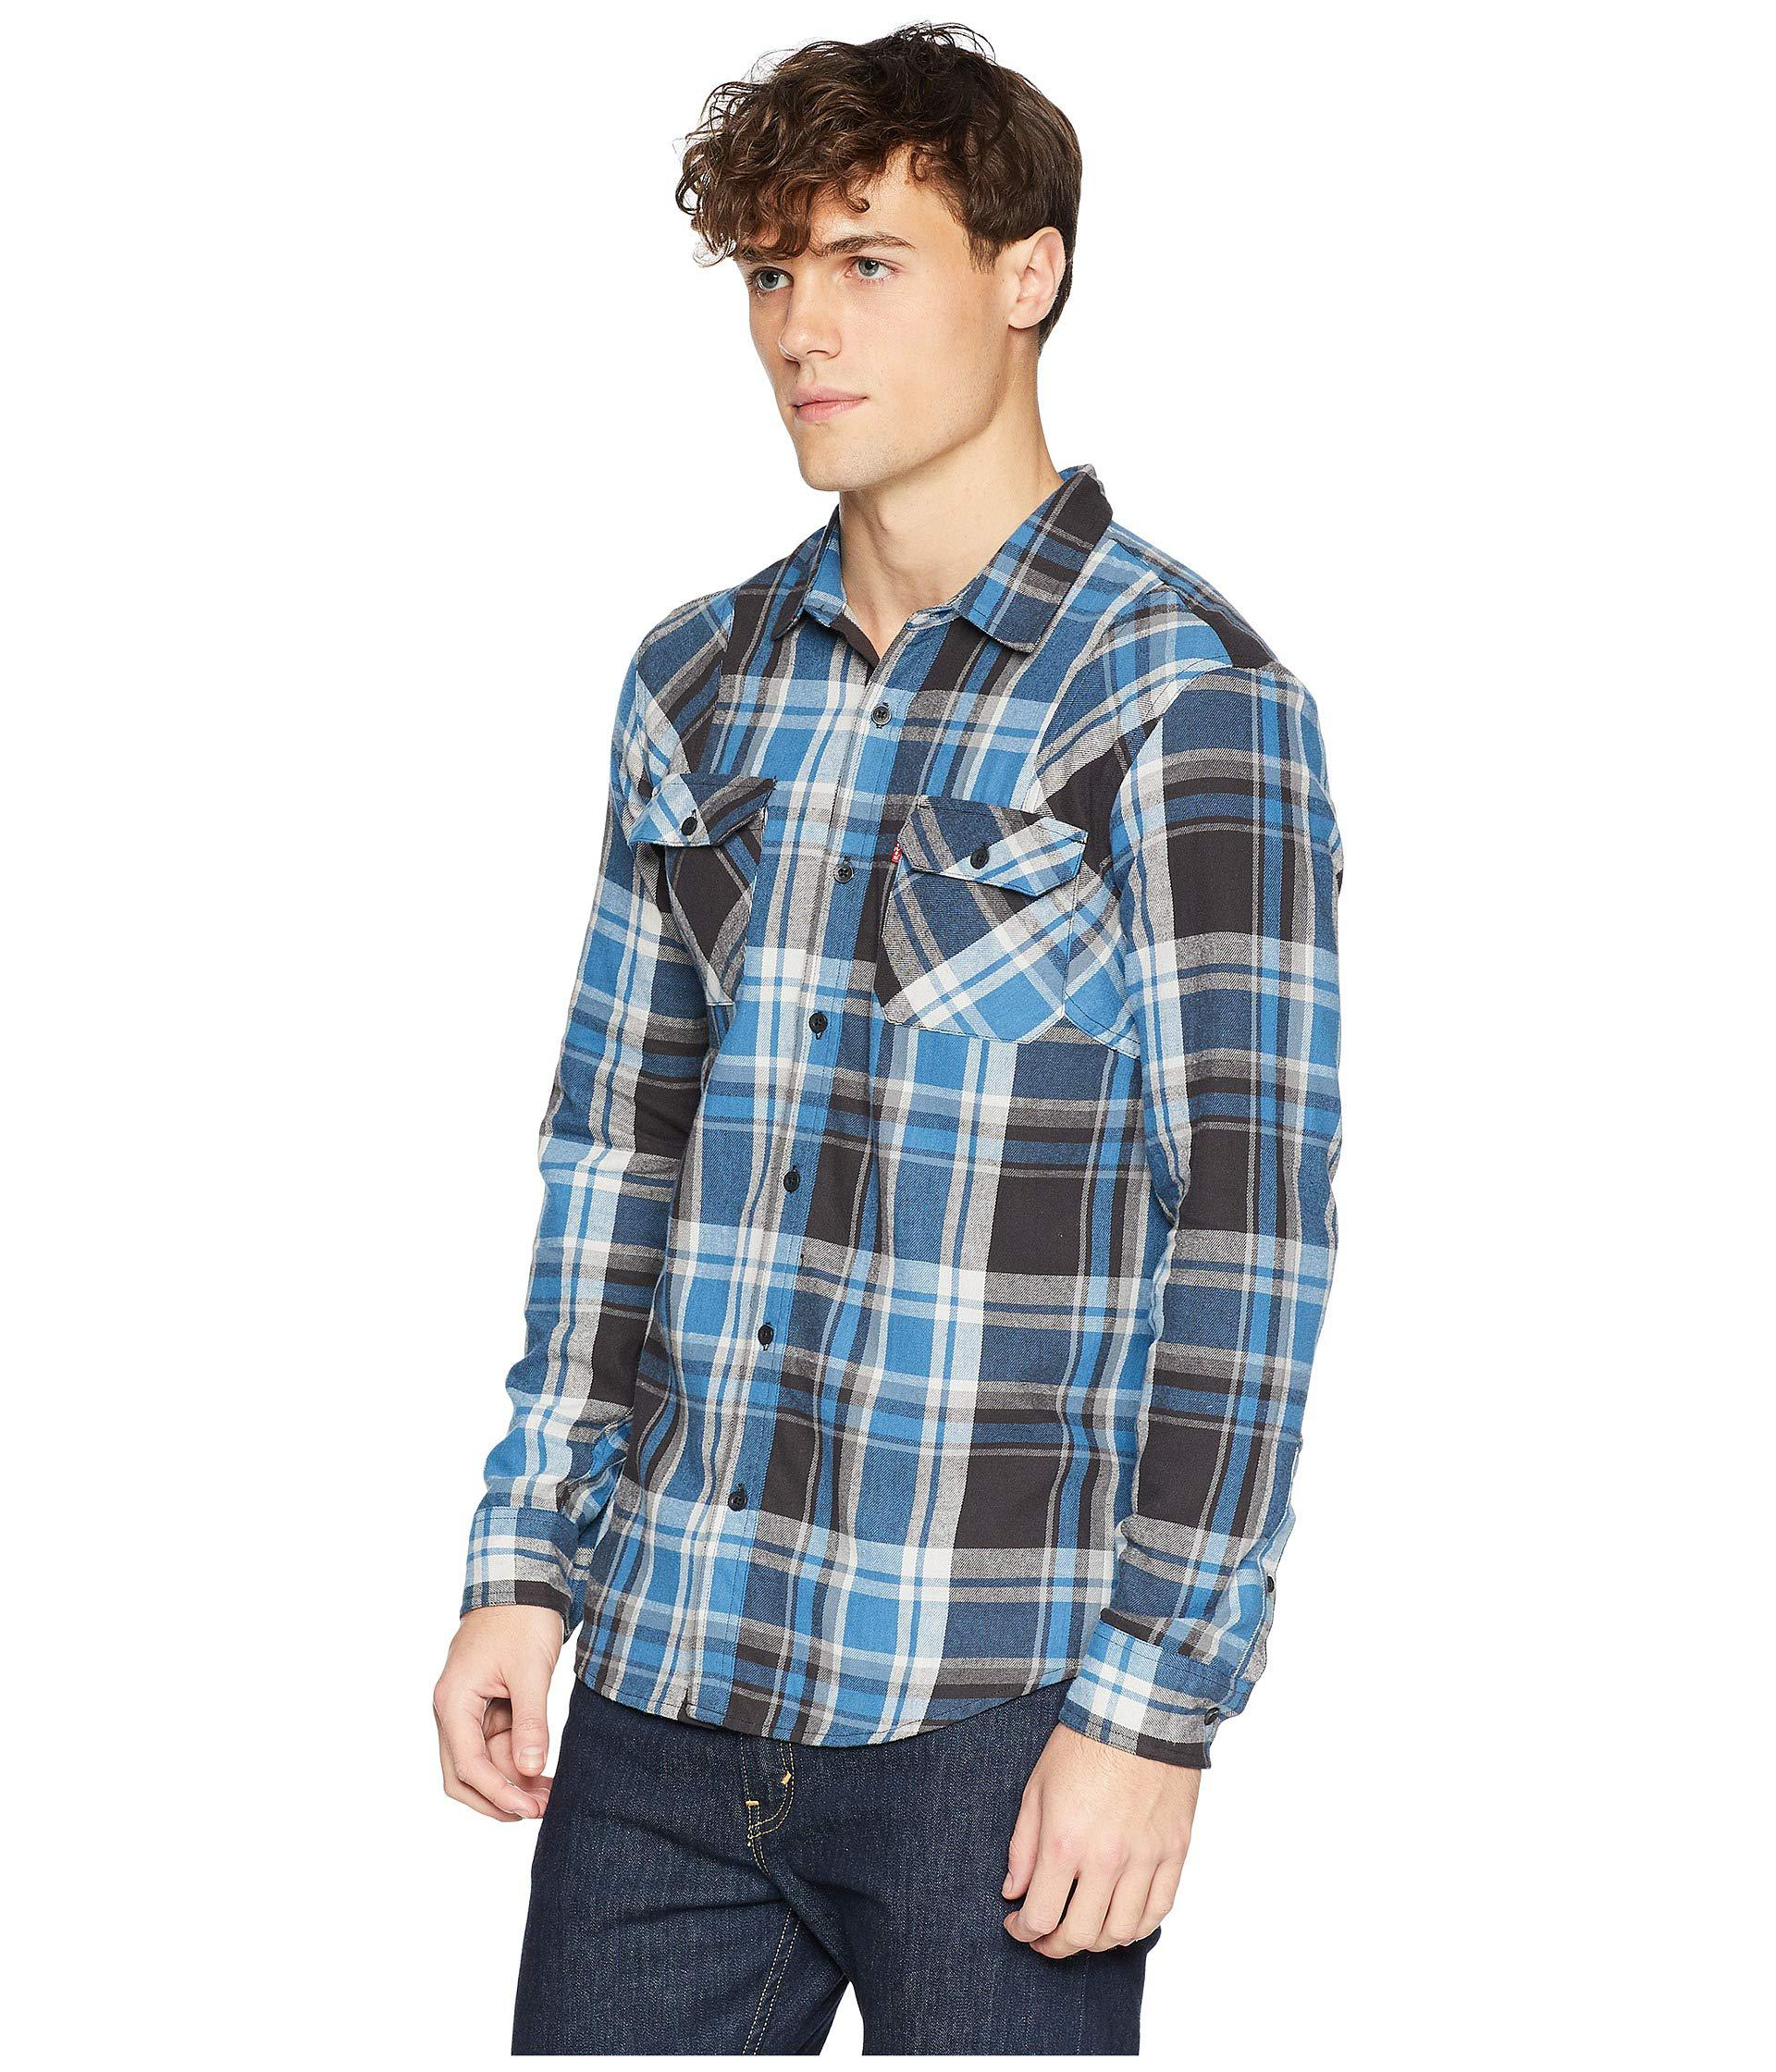 Lyst - Levi S Levi s(r) Torino Long Sleeve Woven (dark Phantom) Men s  Clothing in Blue for Men 1c1b4b420